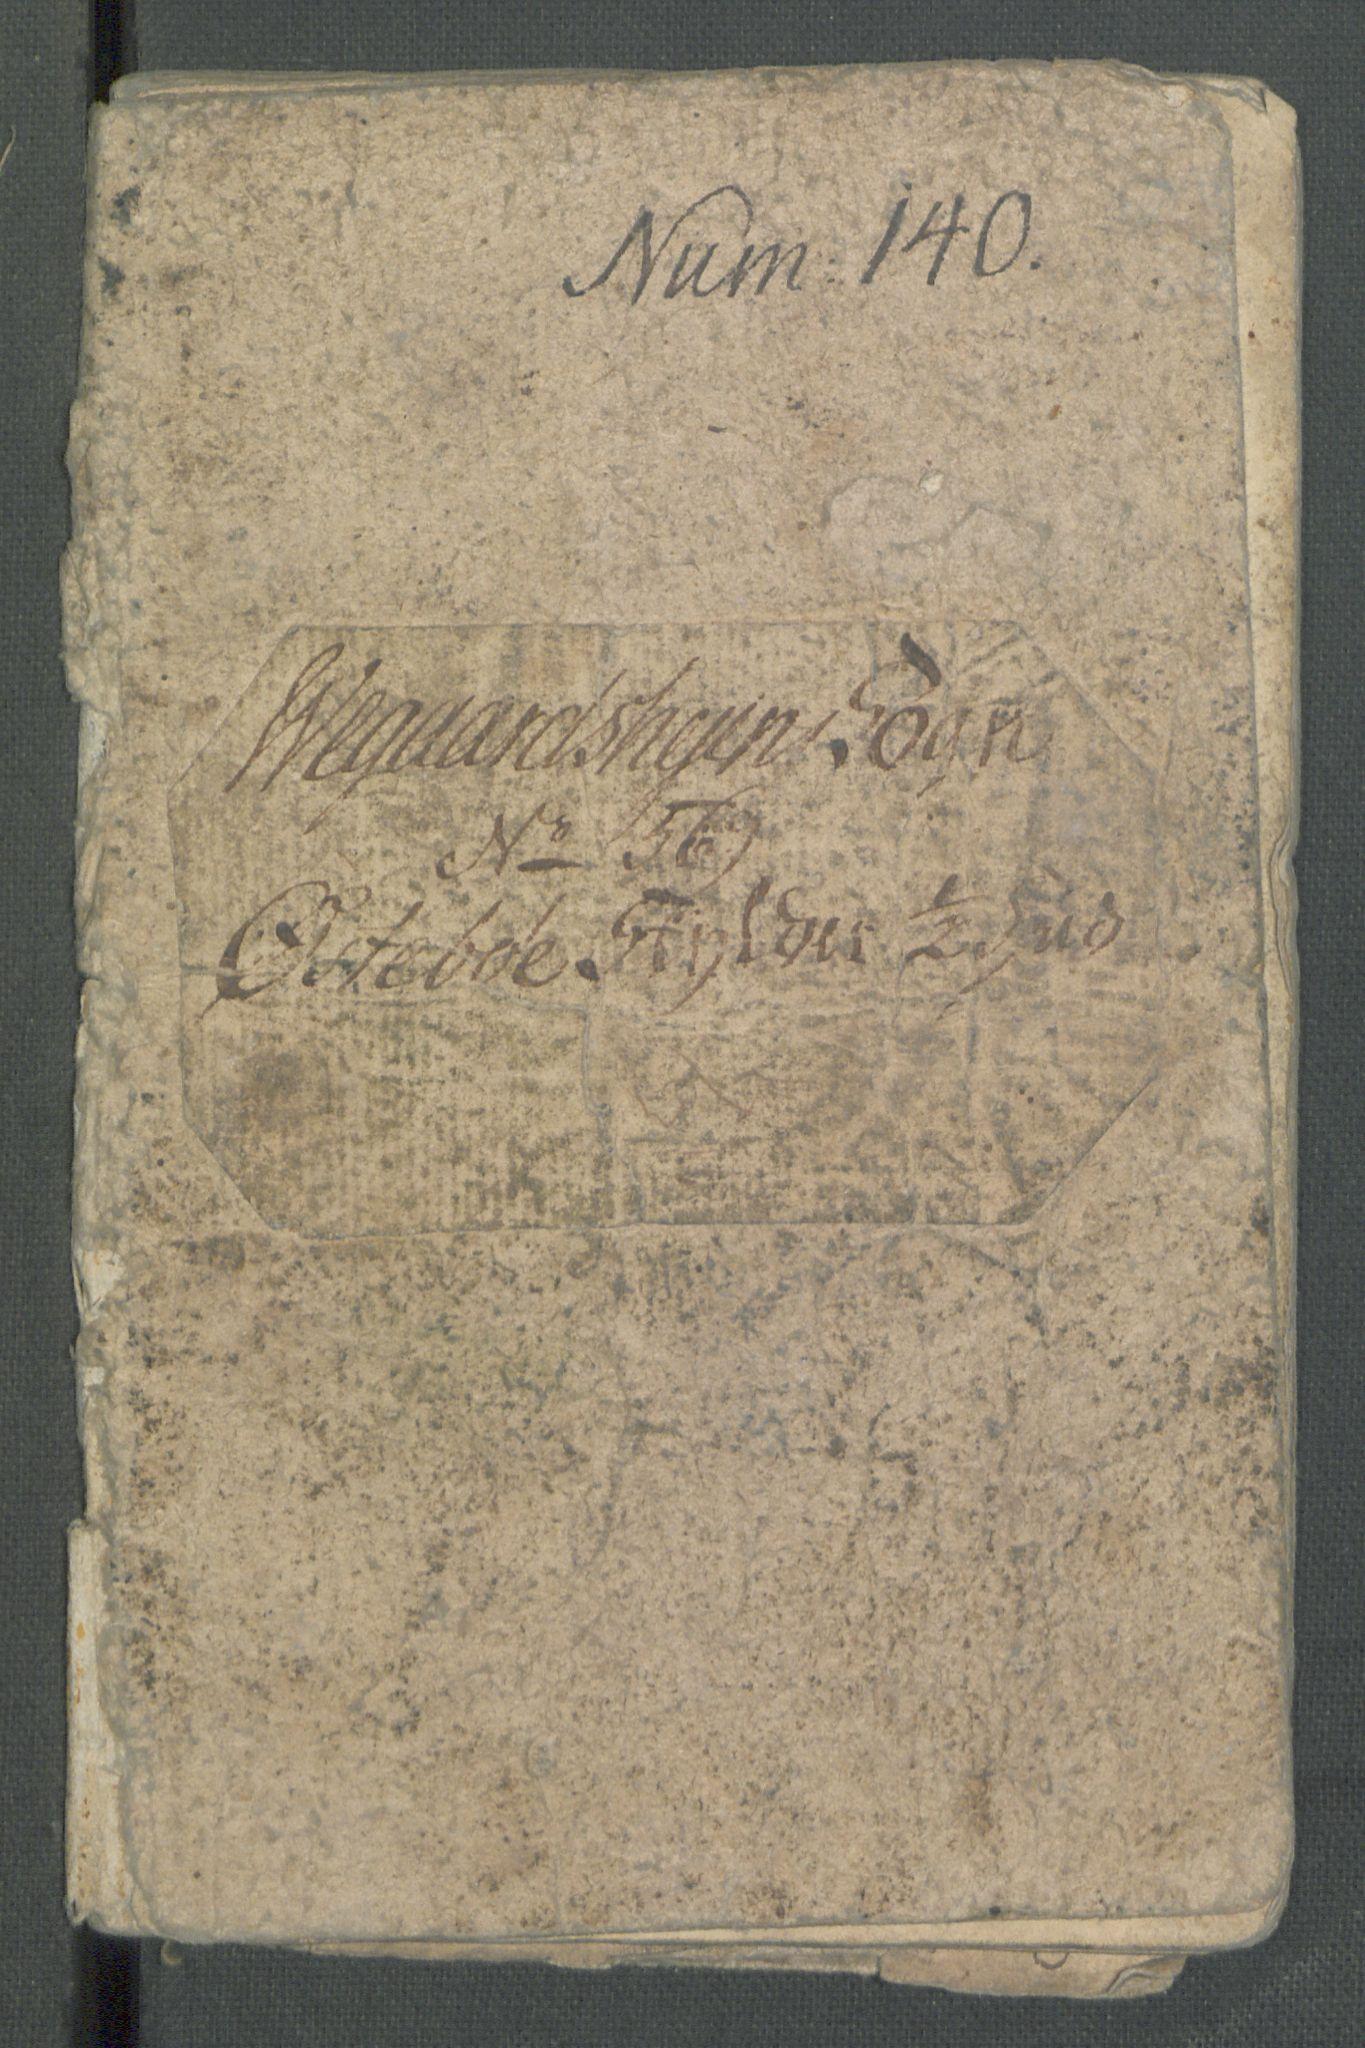 RA, Rentekammeret inntil 1814, Realistisk ordnet avdeling, Od/L0001: Oppløp, 1786-1769, s. 178